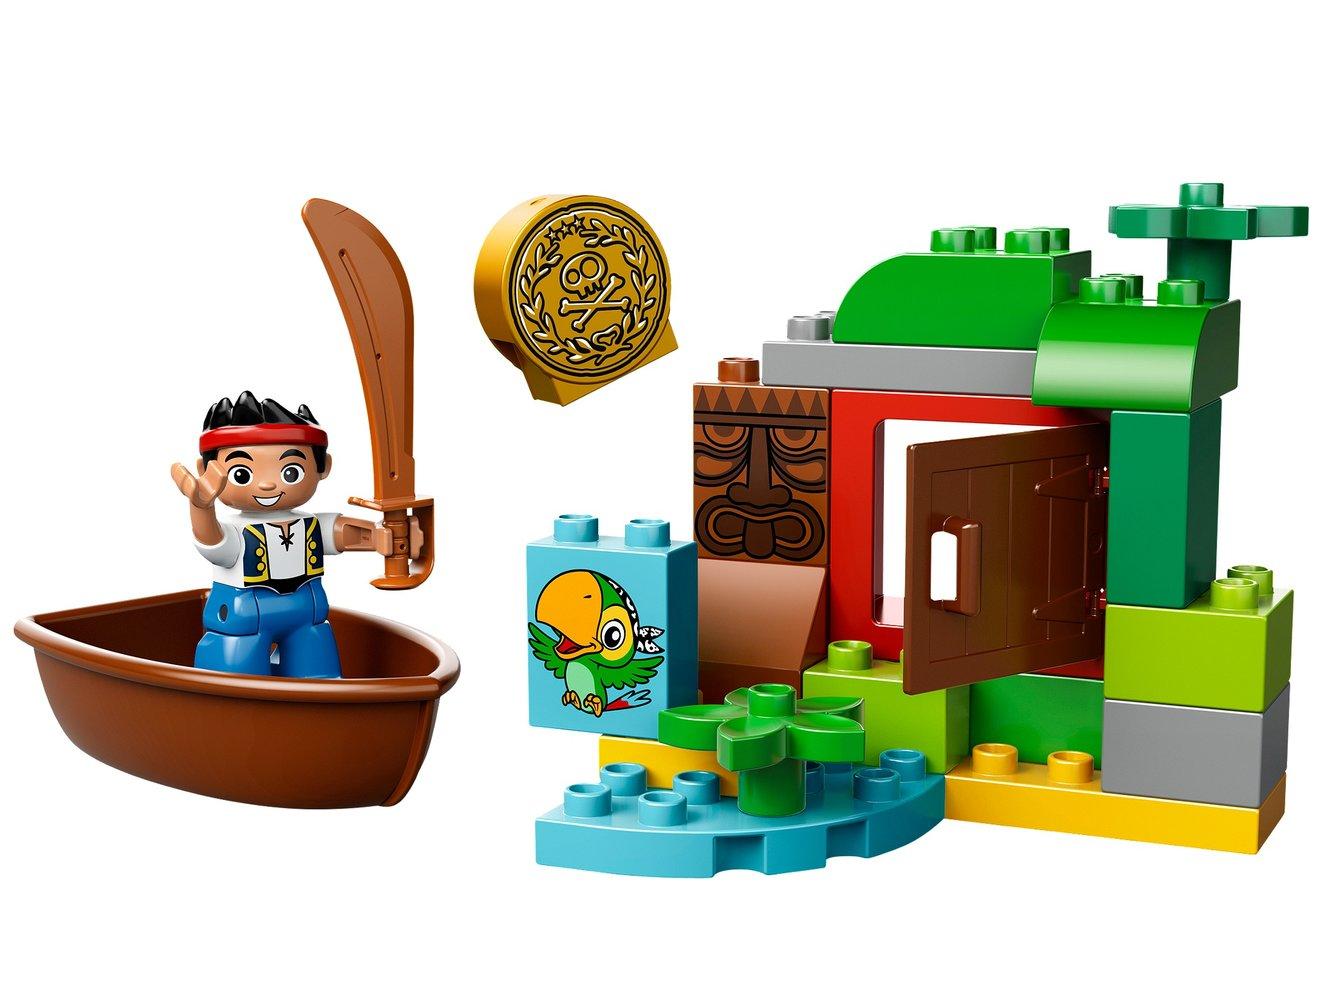 Jake's Treasure Hunt